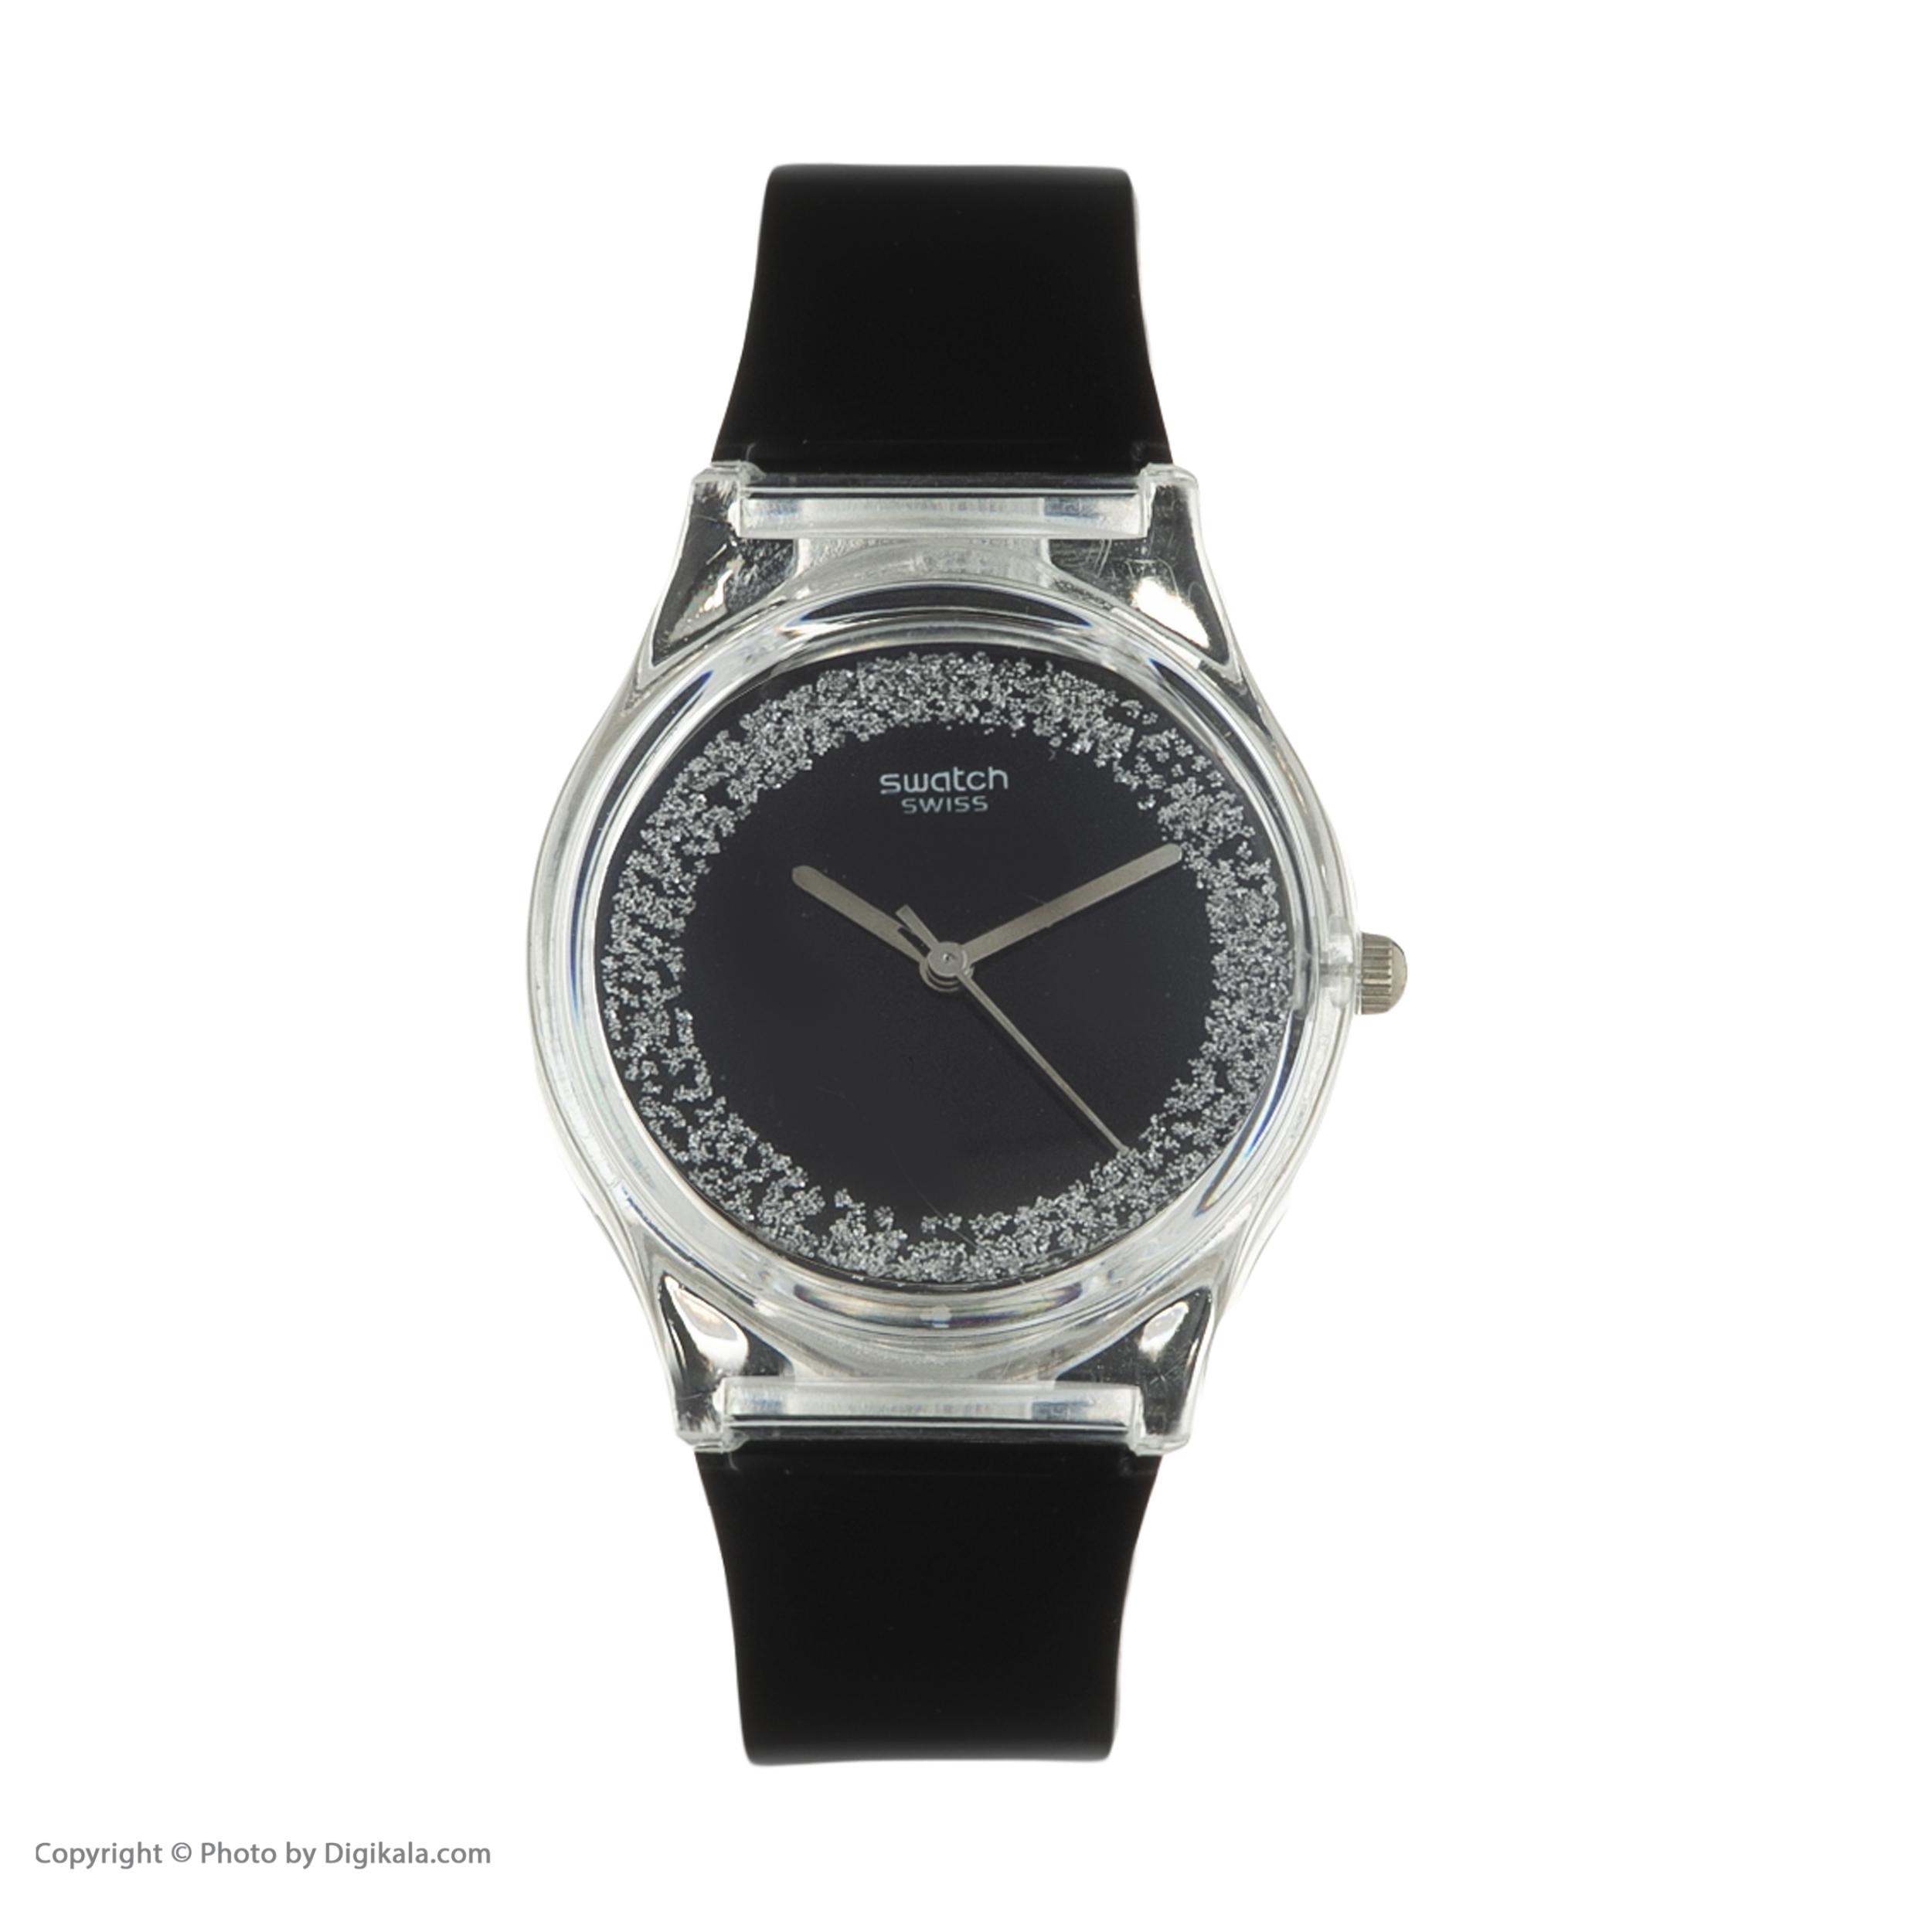 ساعت مچی عقربه ای زنانه مدل Sw-5001a              خرید (⭐️⭐️⭐️)